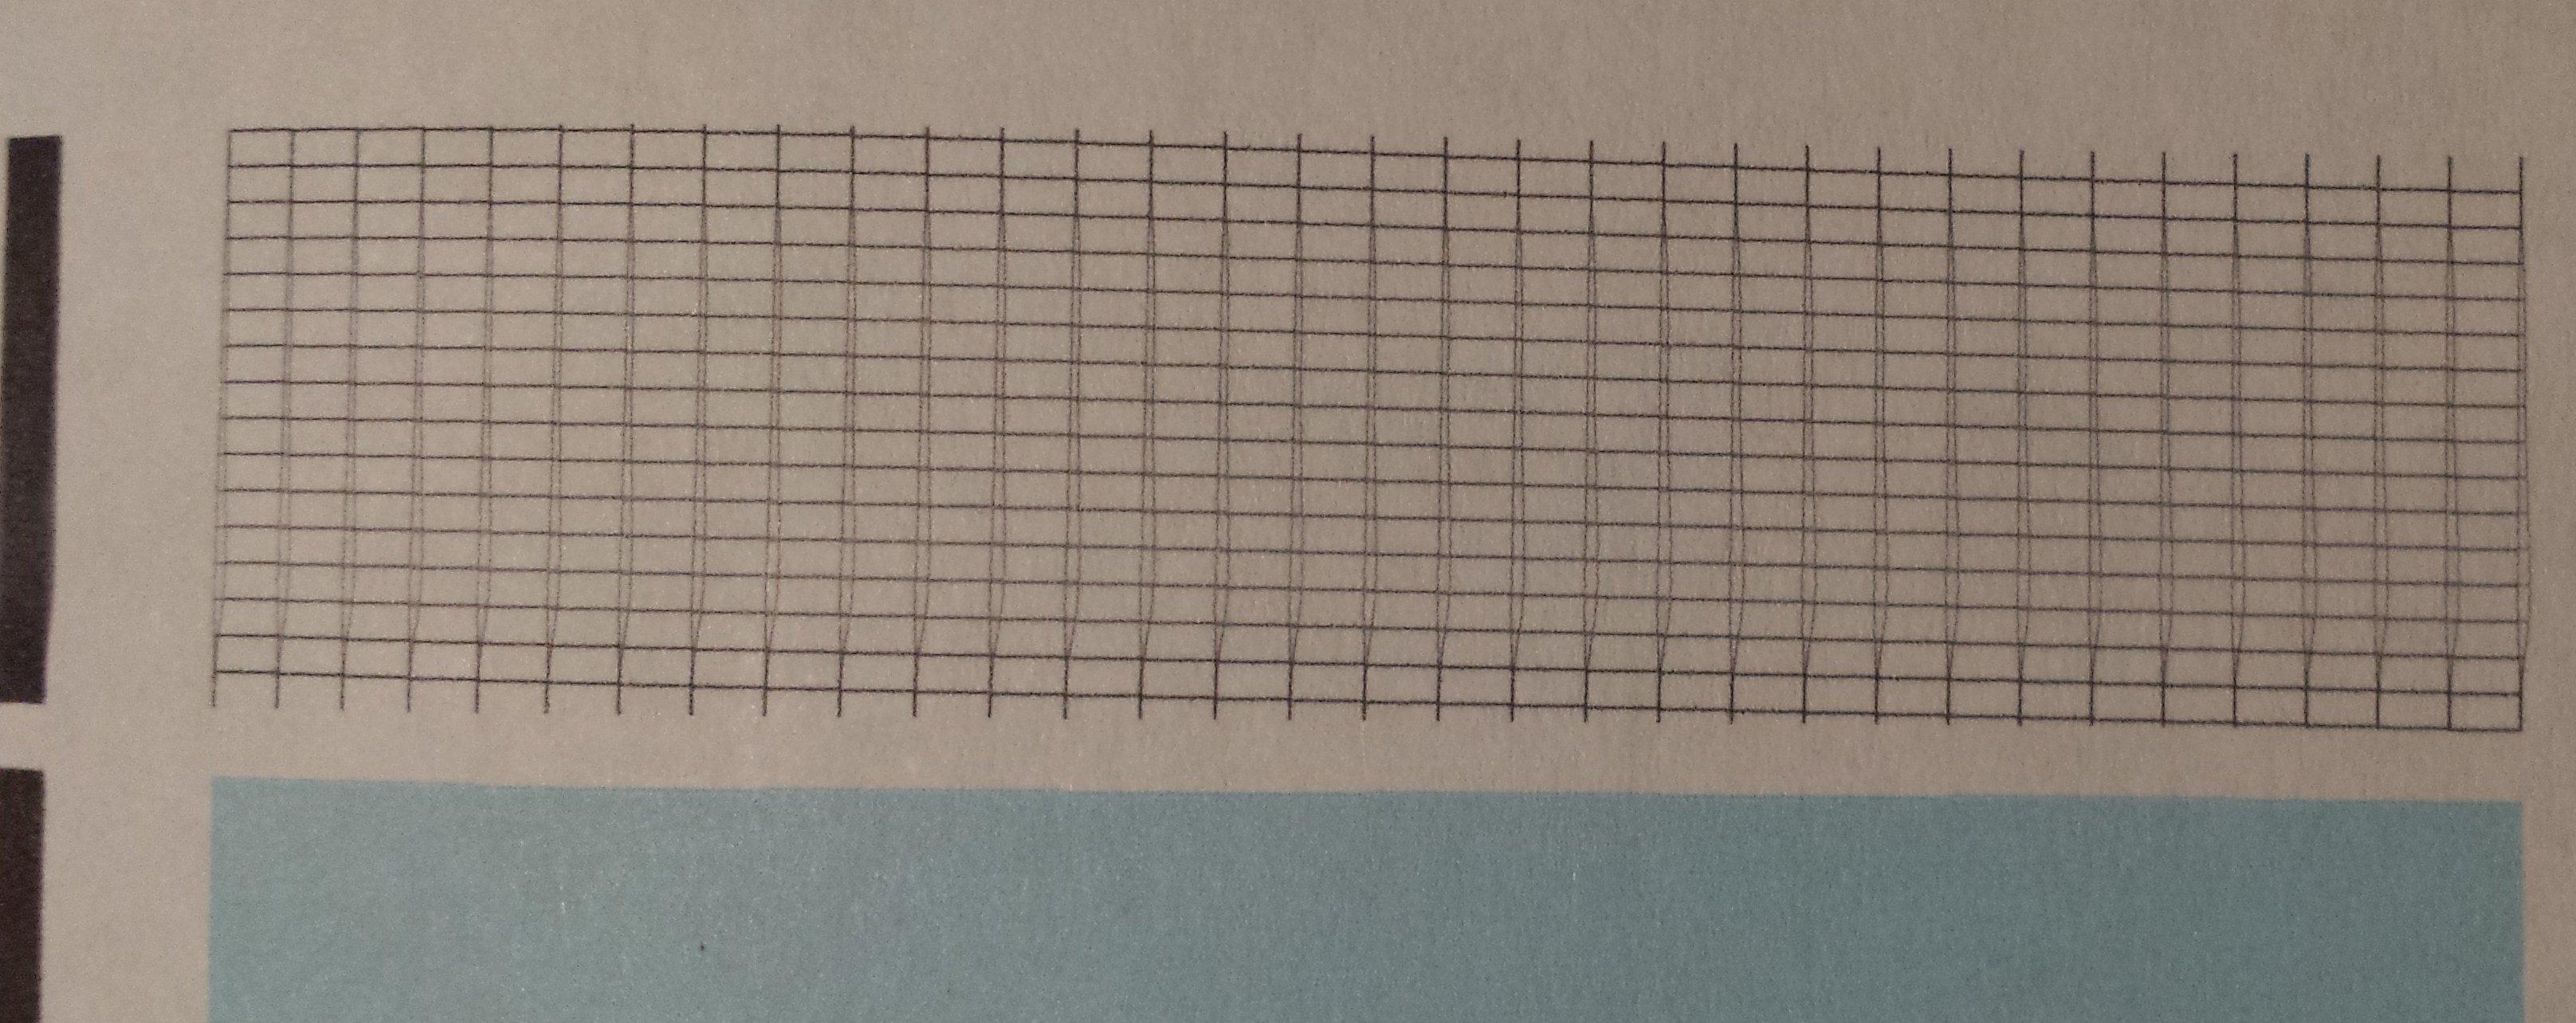 print head test sheet PGBK problem.jpg